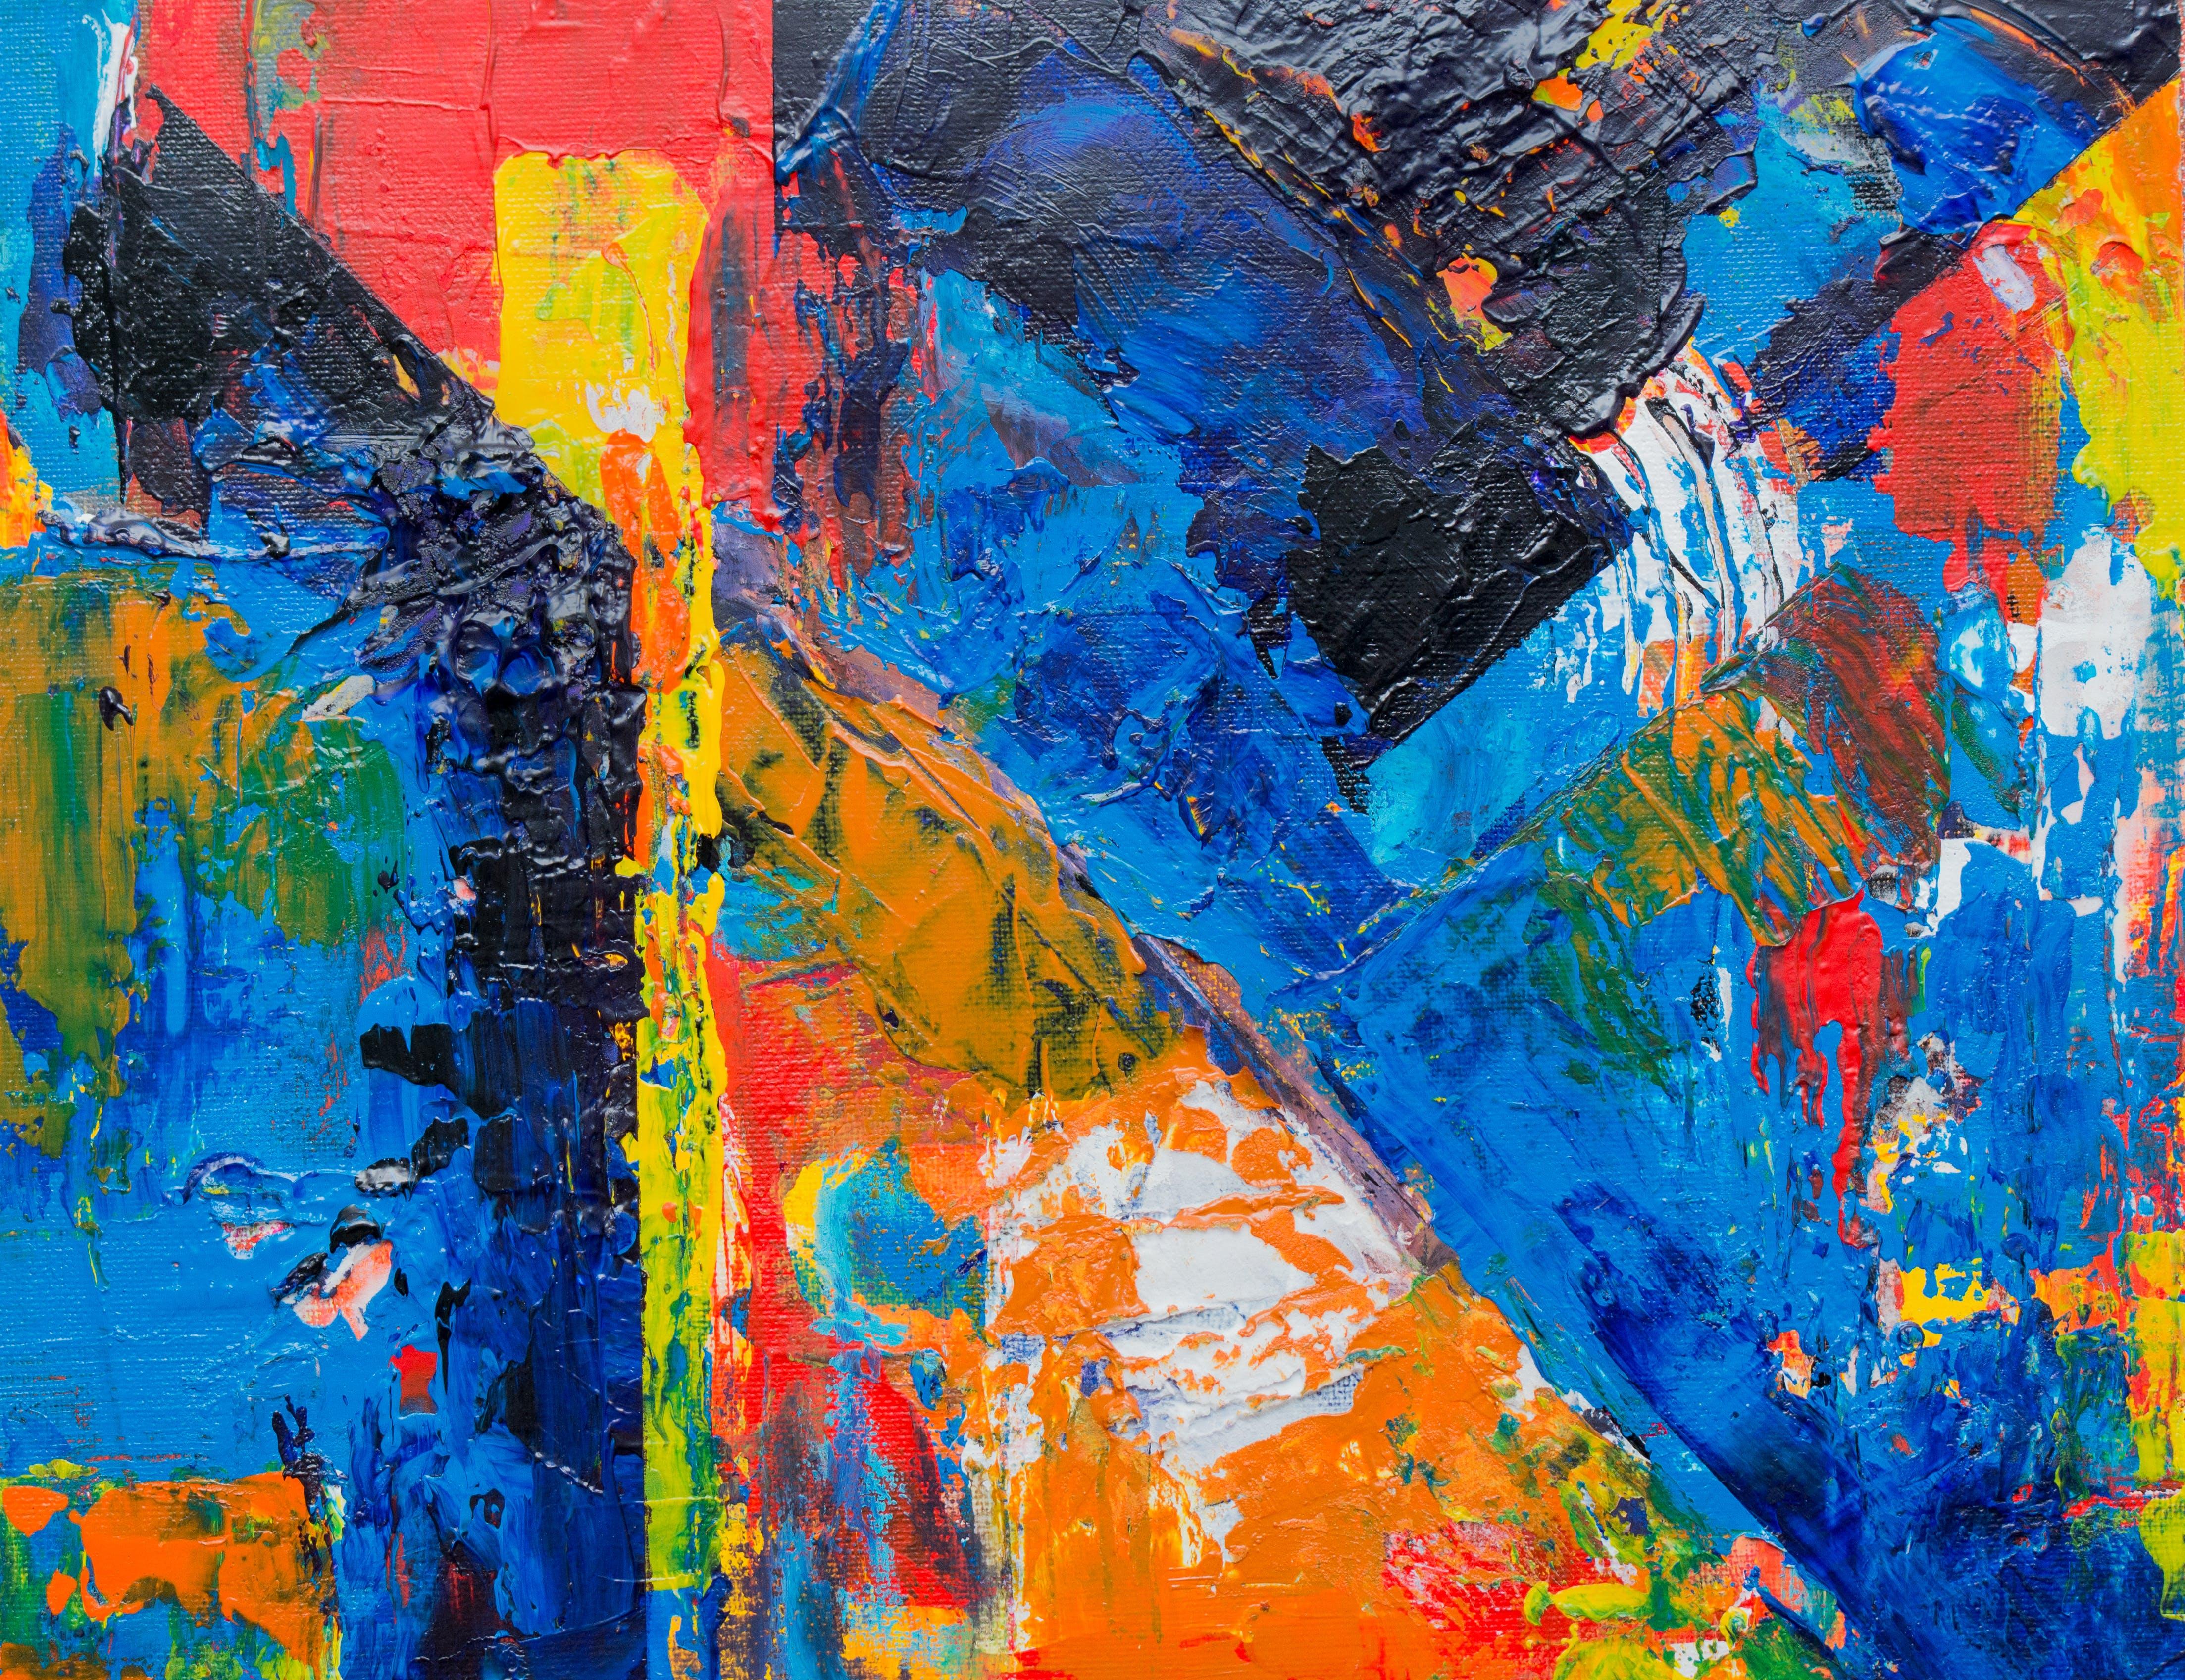 Darmowe zdjęcie z galerii z artystyczny, ekspresjonizm, farba, intensywny kolor